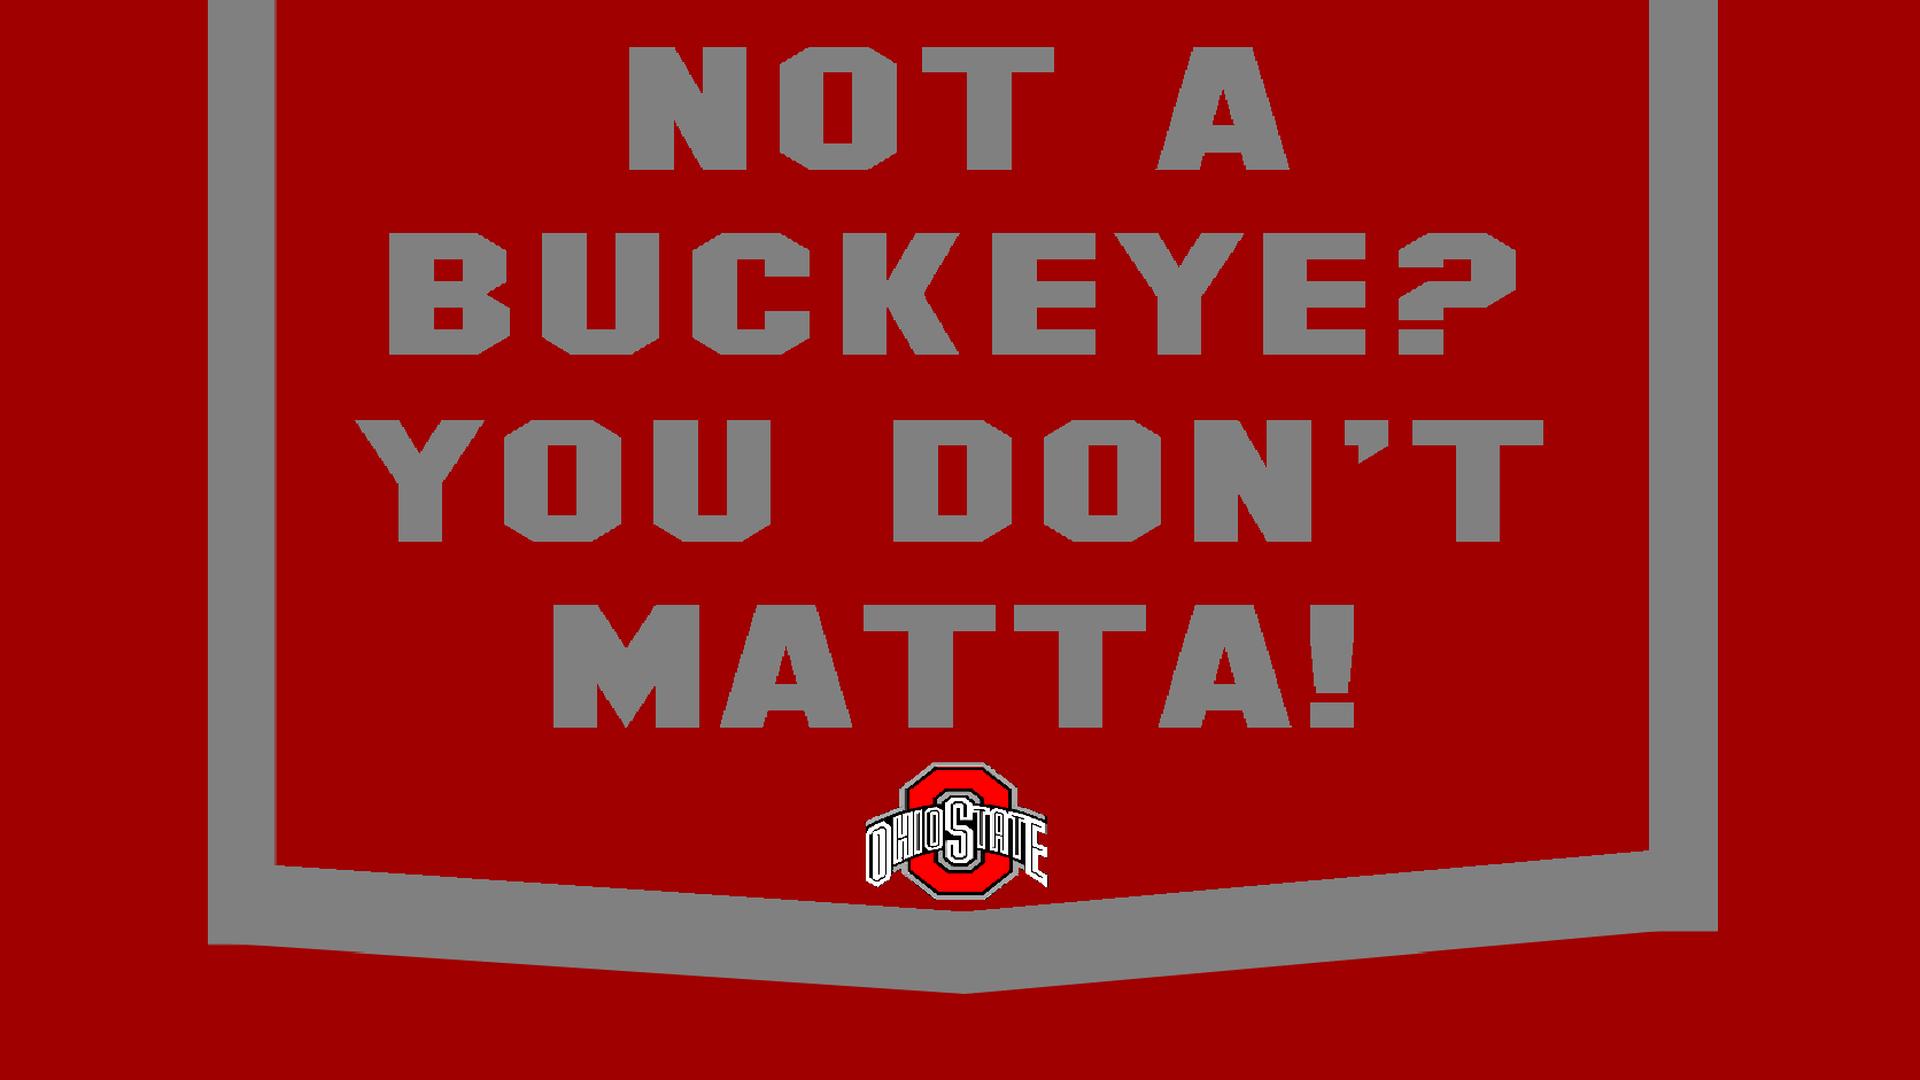 NOT A BUCKEYE, YOU DON'T MATTA